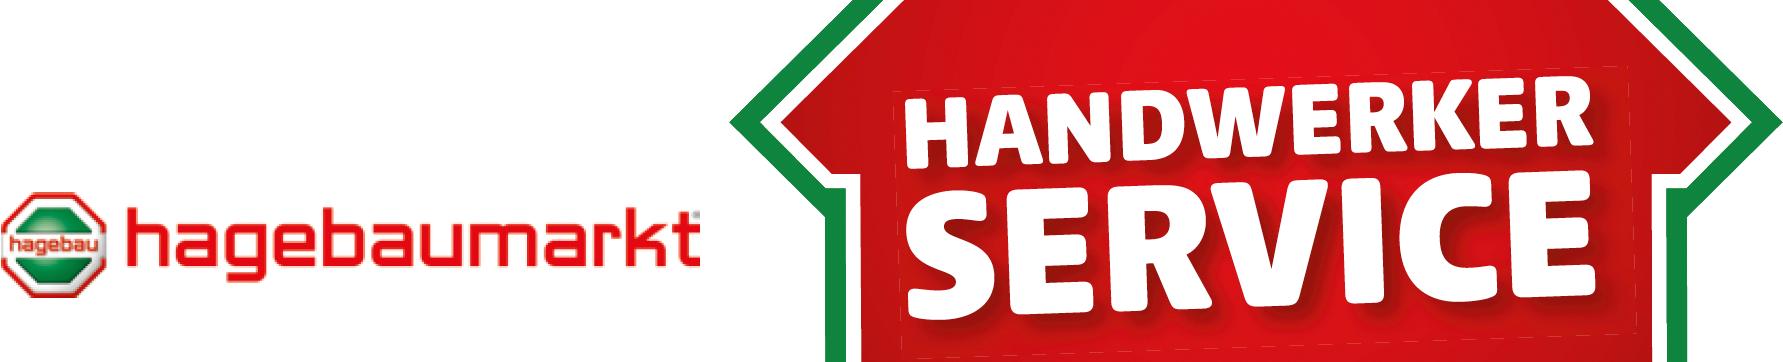 hagebaumarkt Handwerker-Service